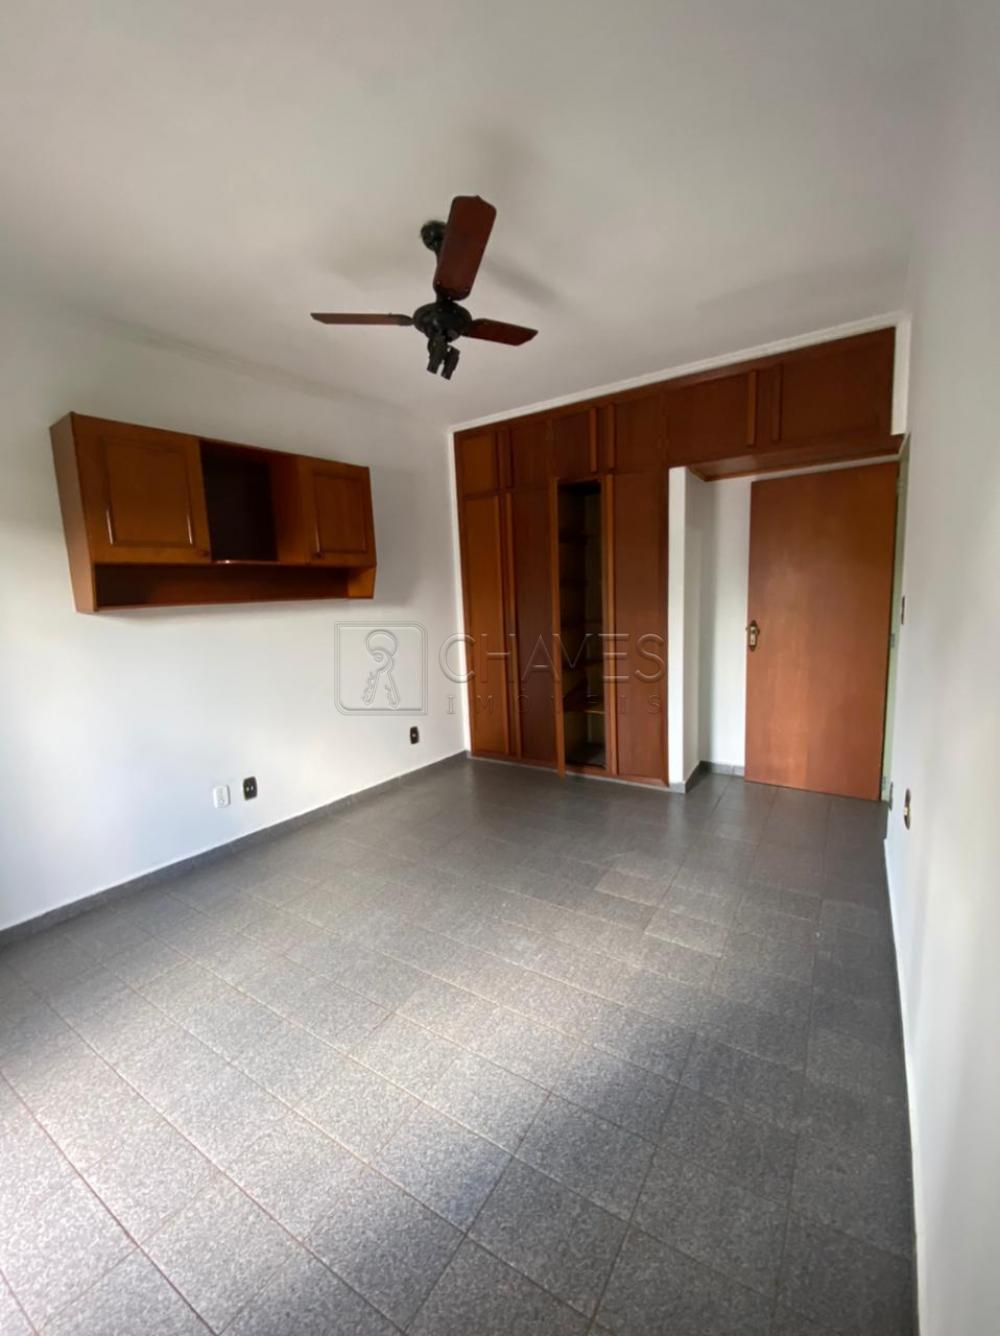 Comprar Apartamento / Padrão em Ribeirão Preto apenas R$ 330.000,00 - Foto 8